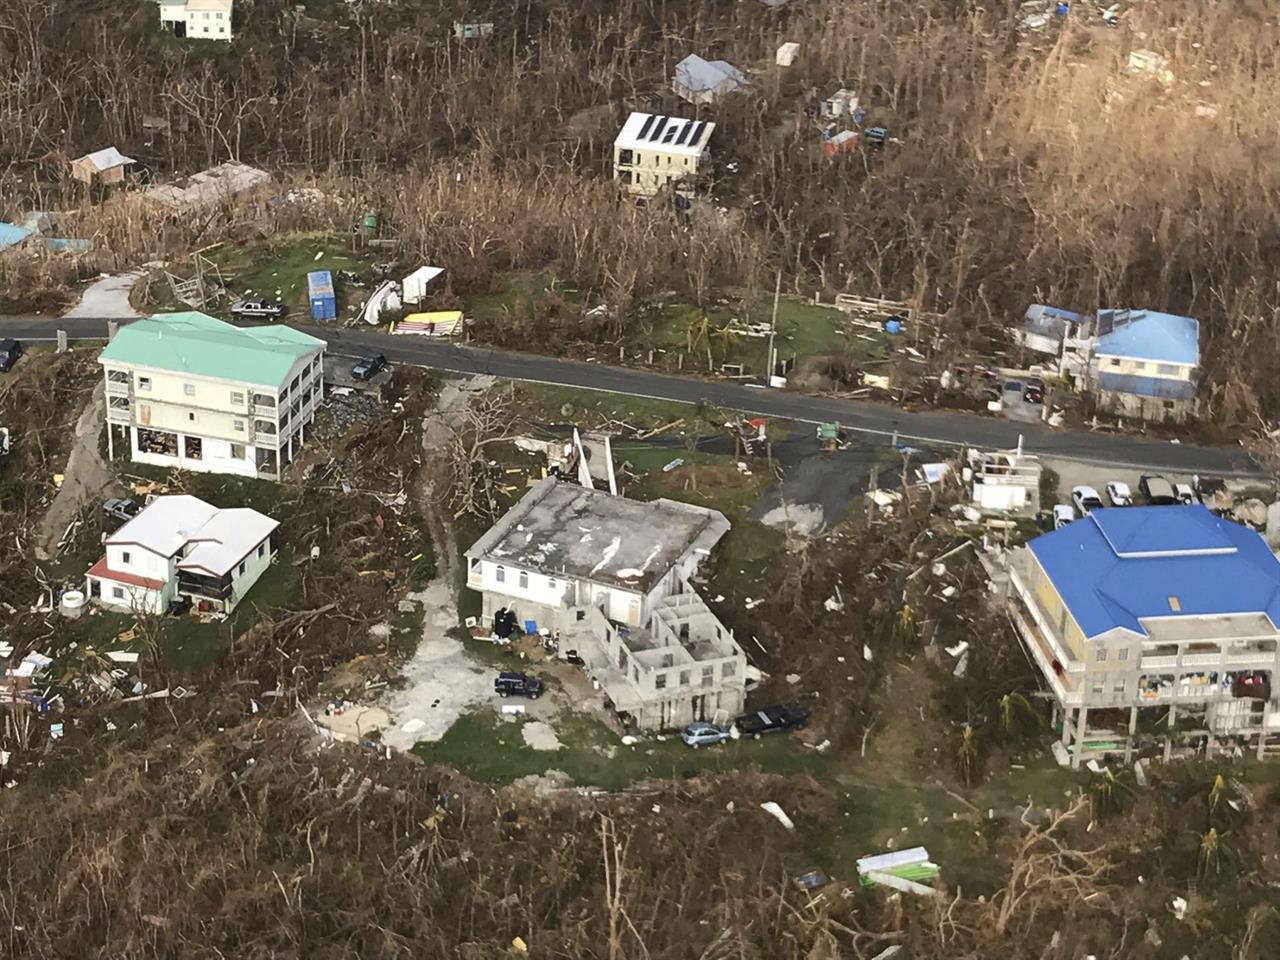 St Johns Virgin Islands Irma